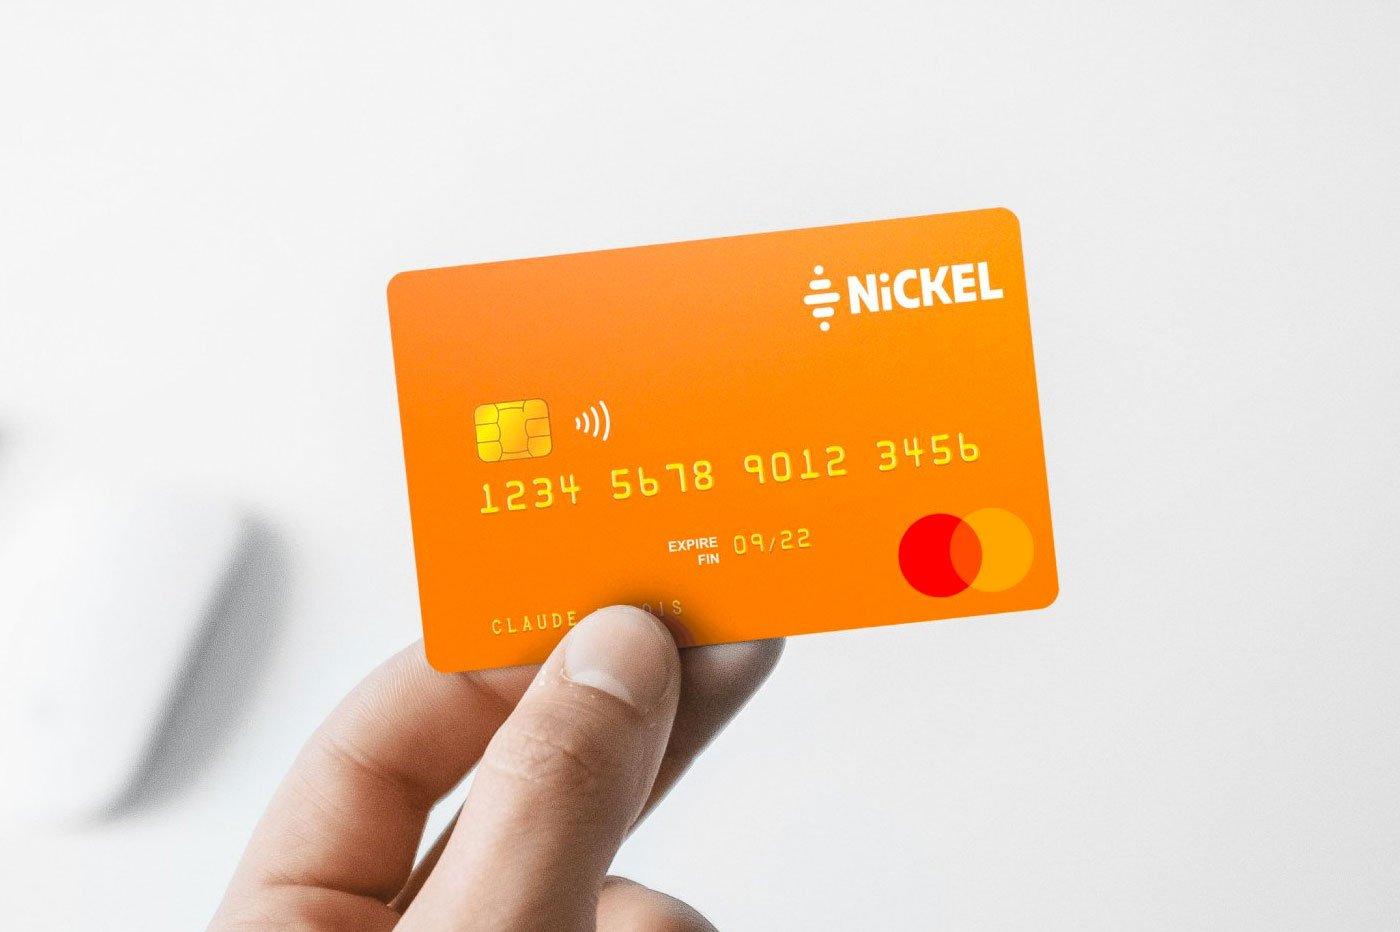 Belgique et Portugal, les prochains défis de la banque Nickel